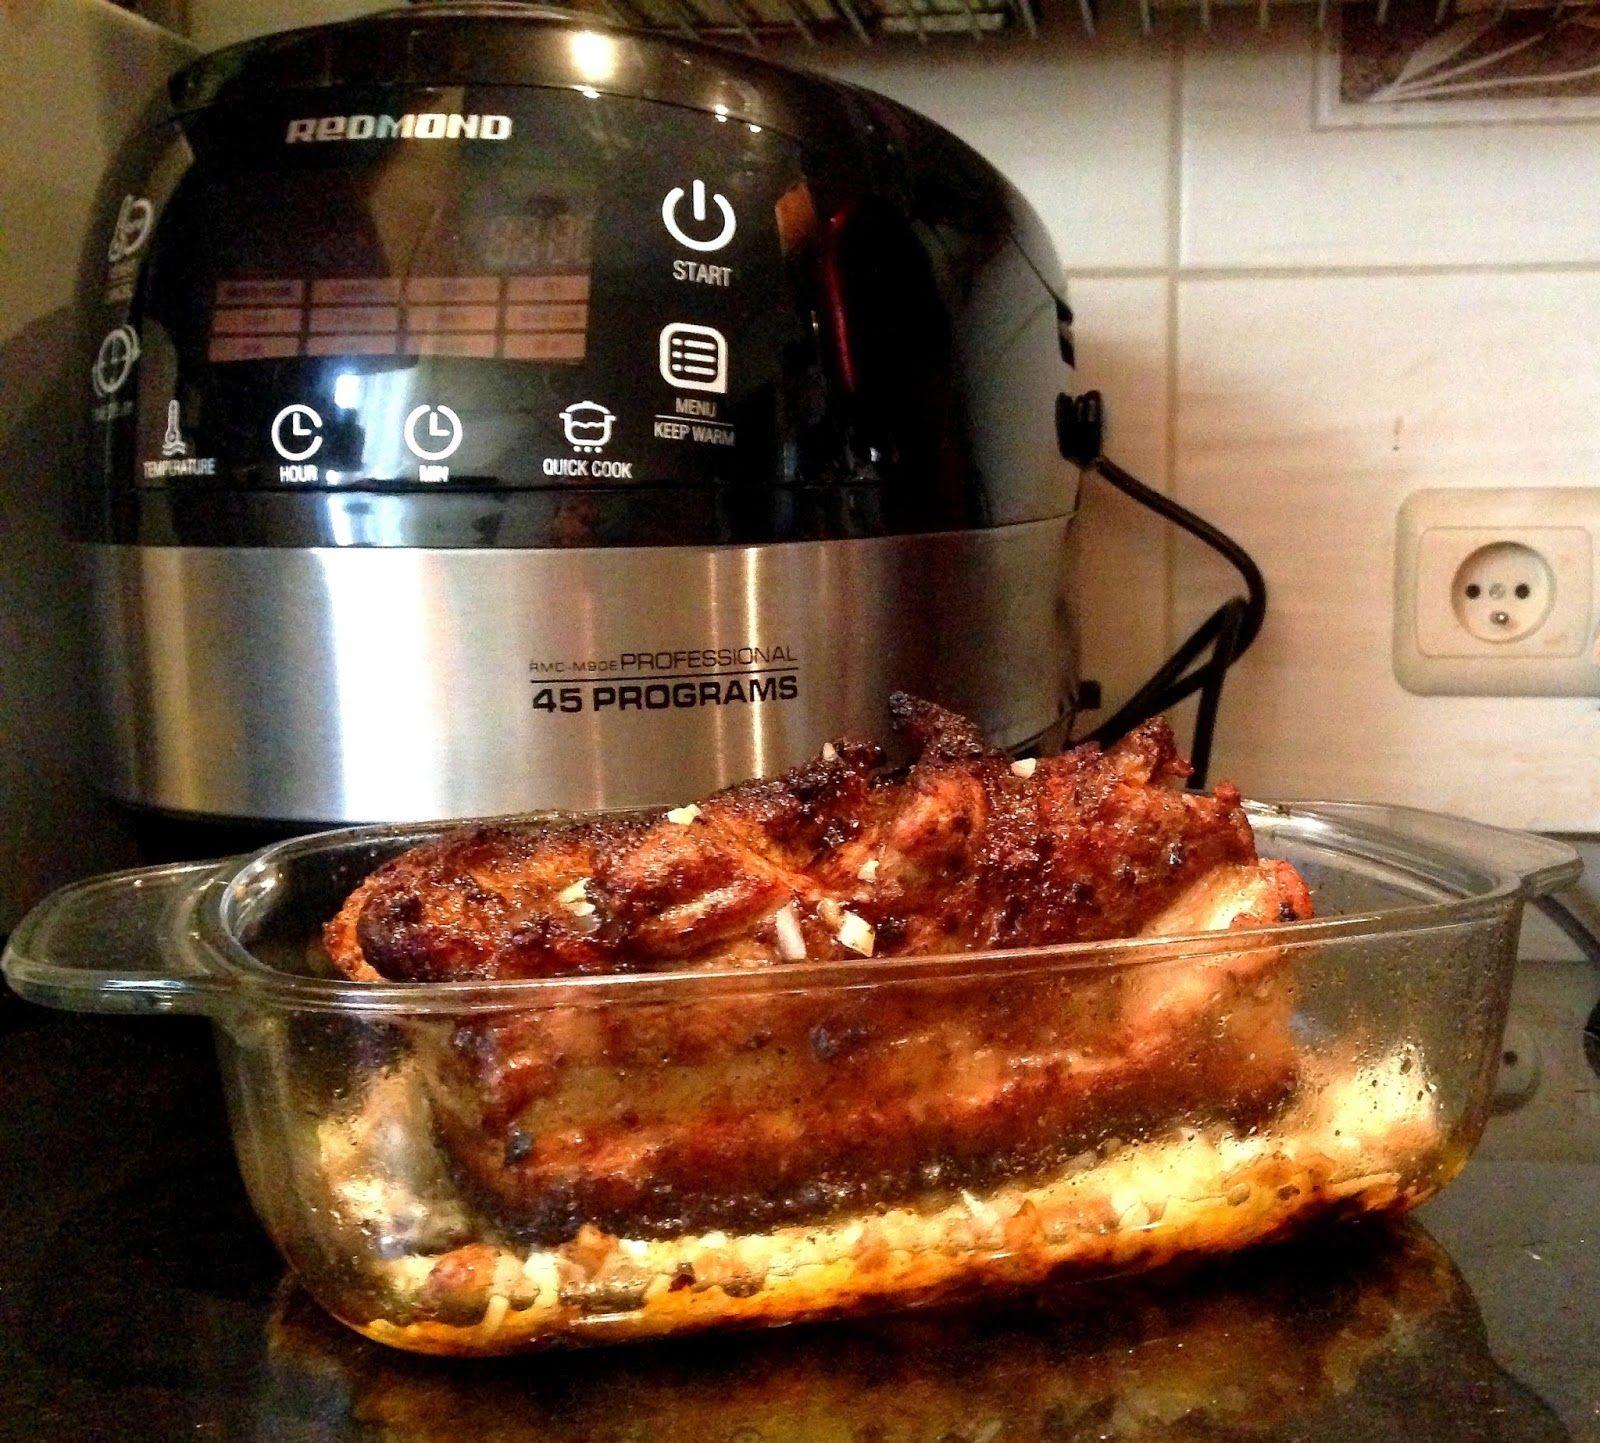 Kulinaria - potrawy z różnych stron świata: Boczek pieczony - multicooker Redmond w akcji